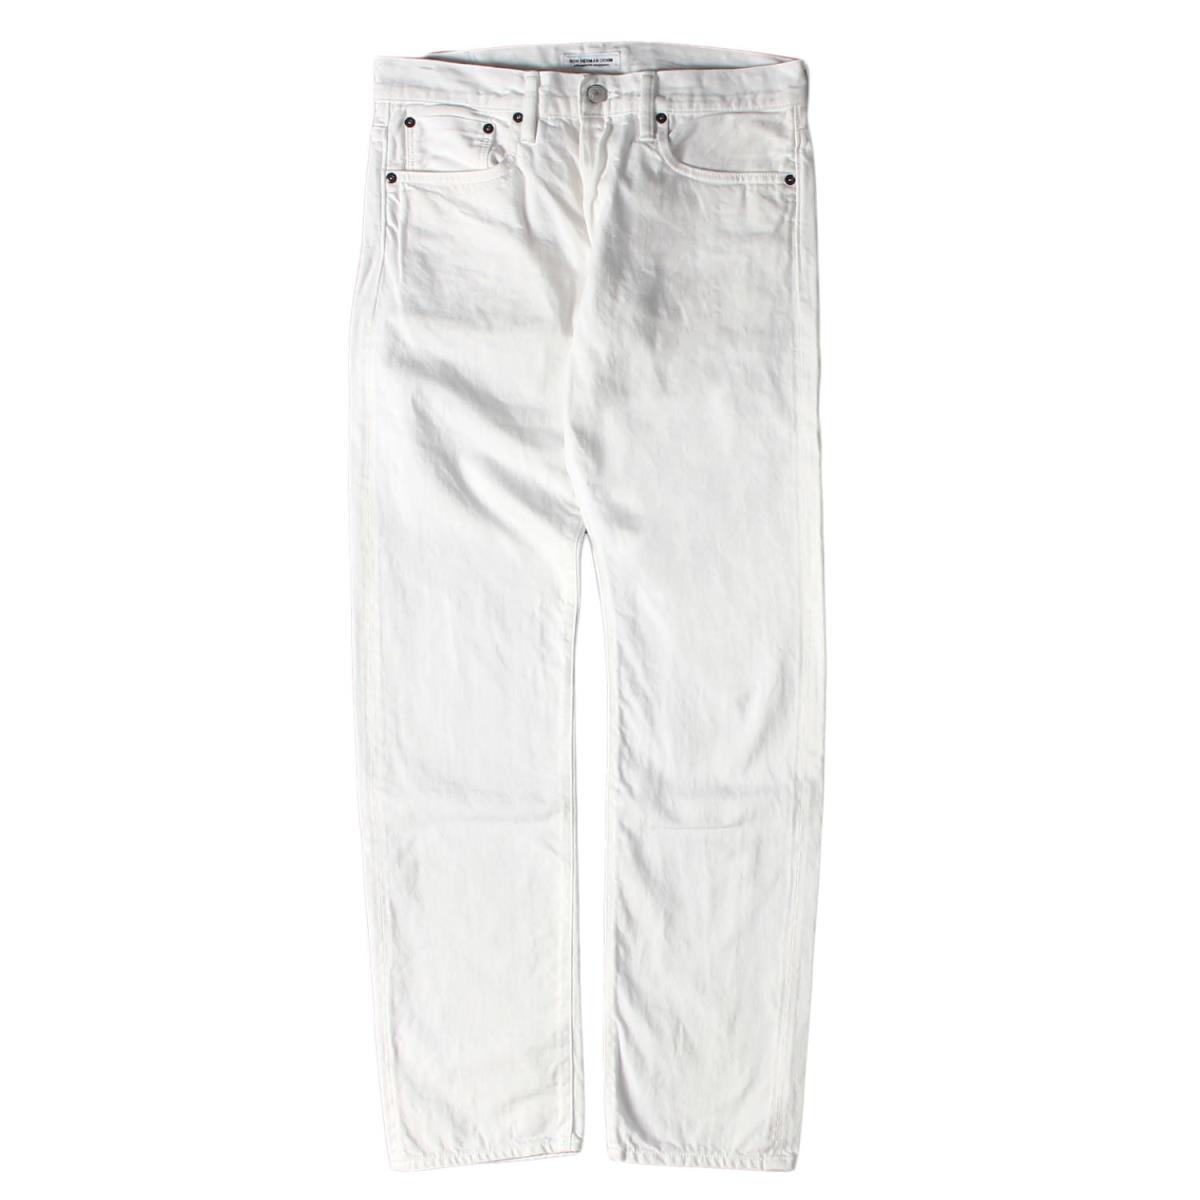 Ron Herman (ロンハーマン) パンツ 16AW ボタンフライ ストレート デニムパンツ ホワイト 30 【メンズ】【中古】【K2568】